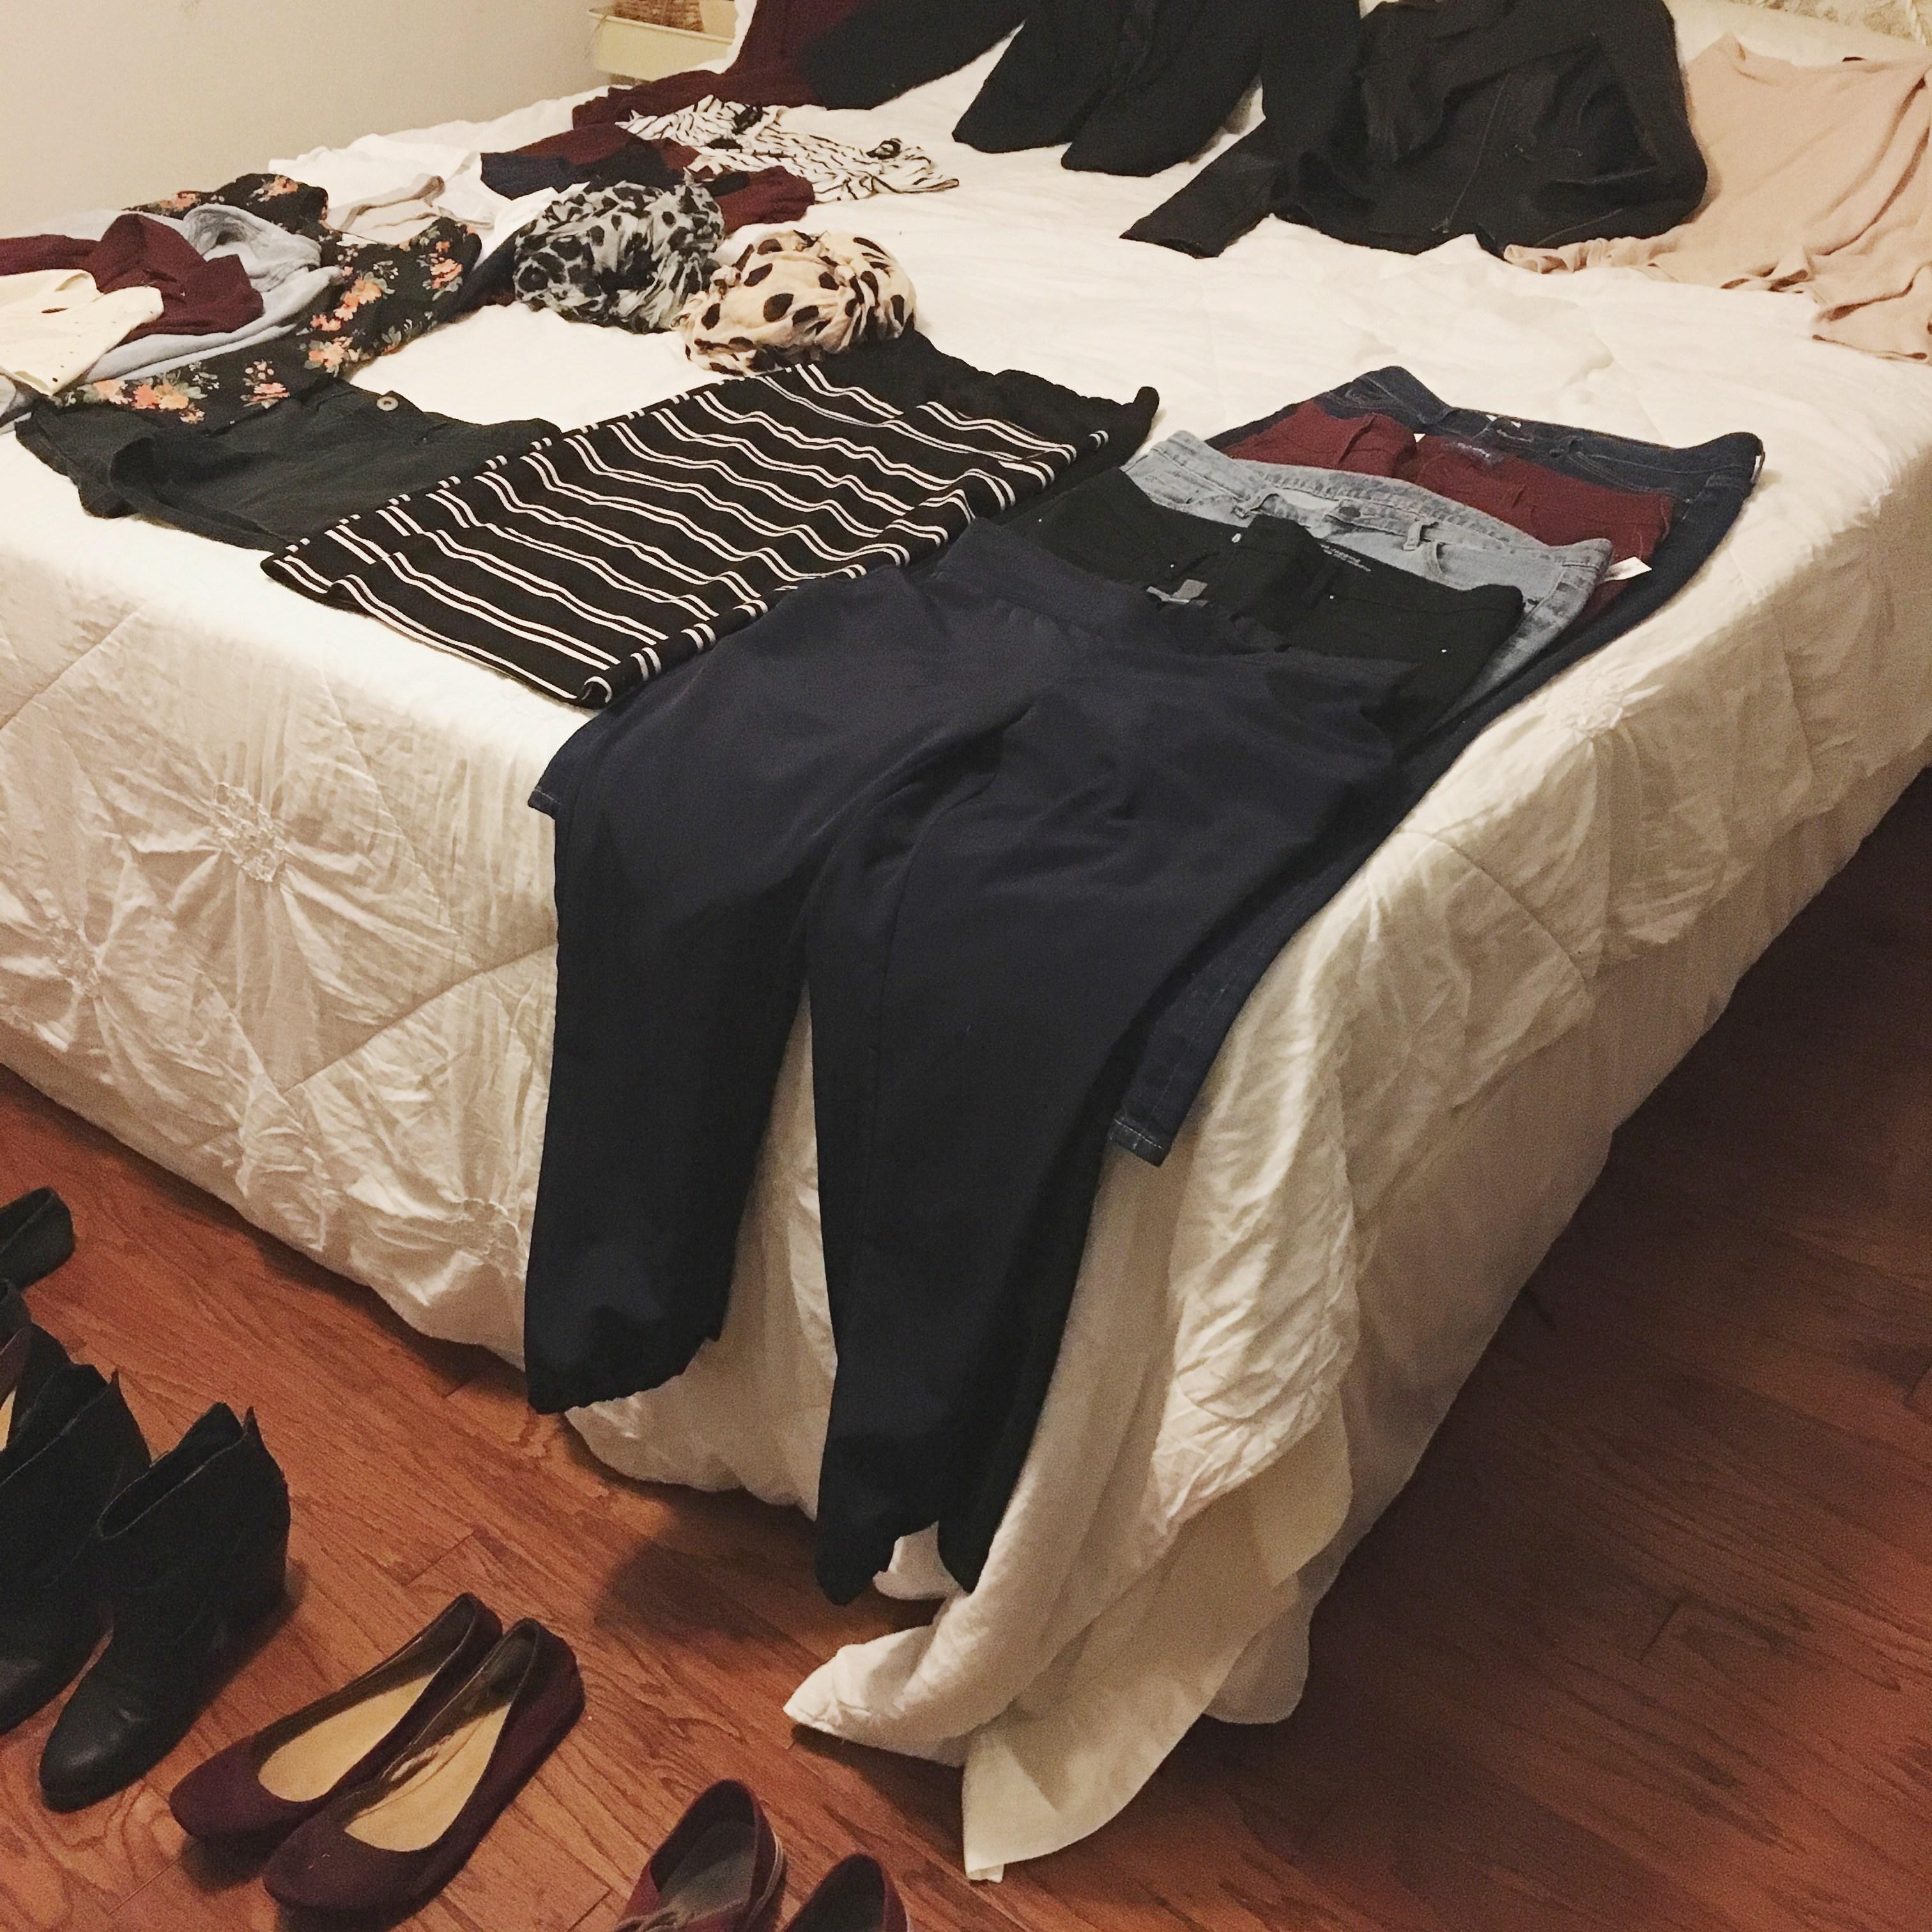 quần áo bày trên giường